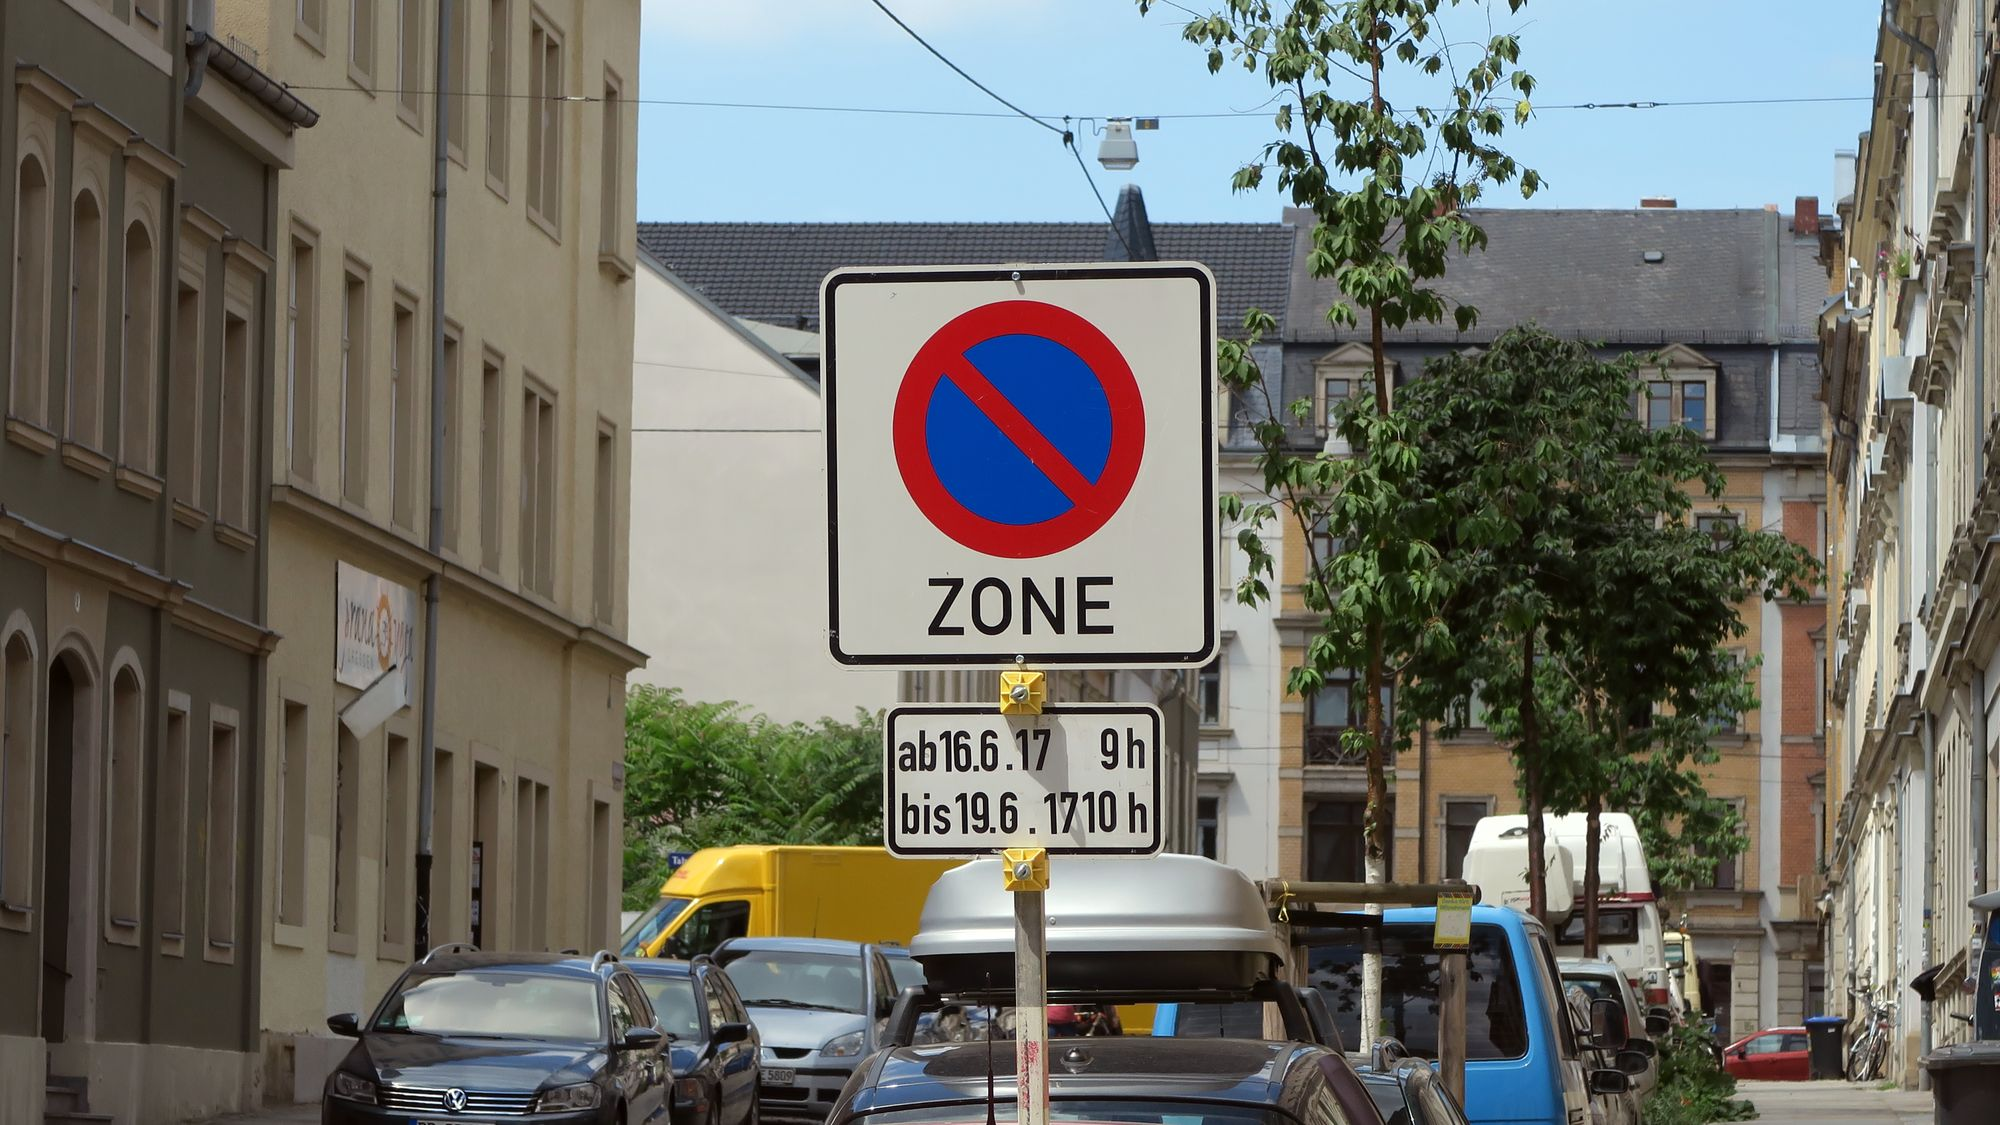 eine zone mit eingeschränktem haltverbot